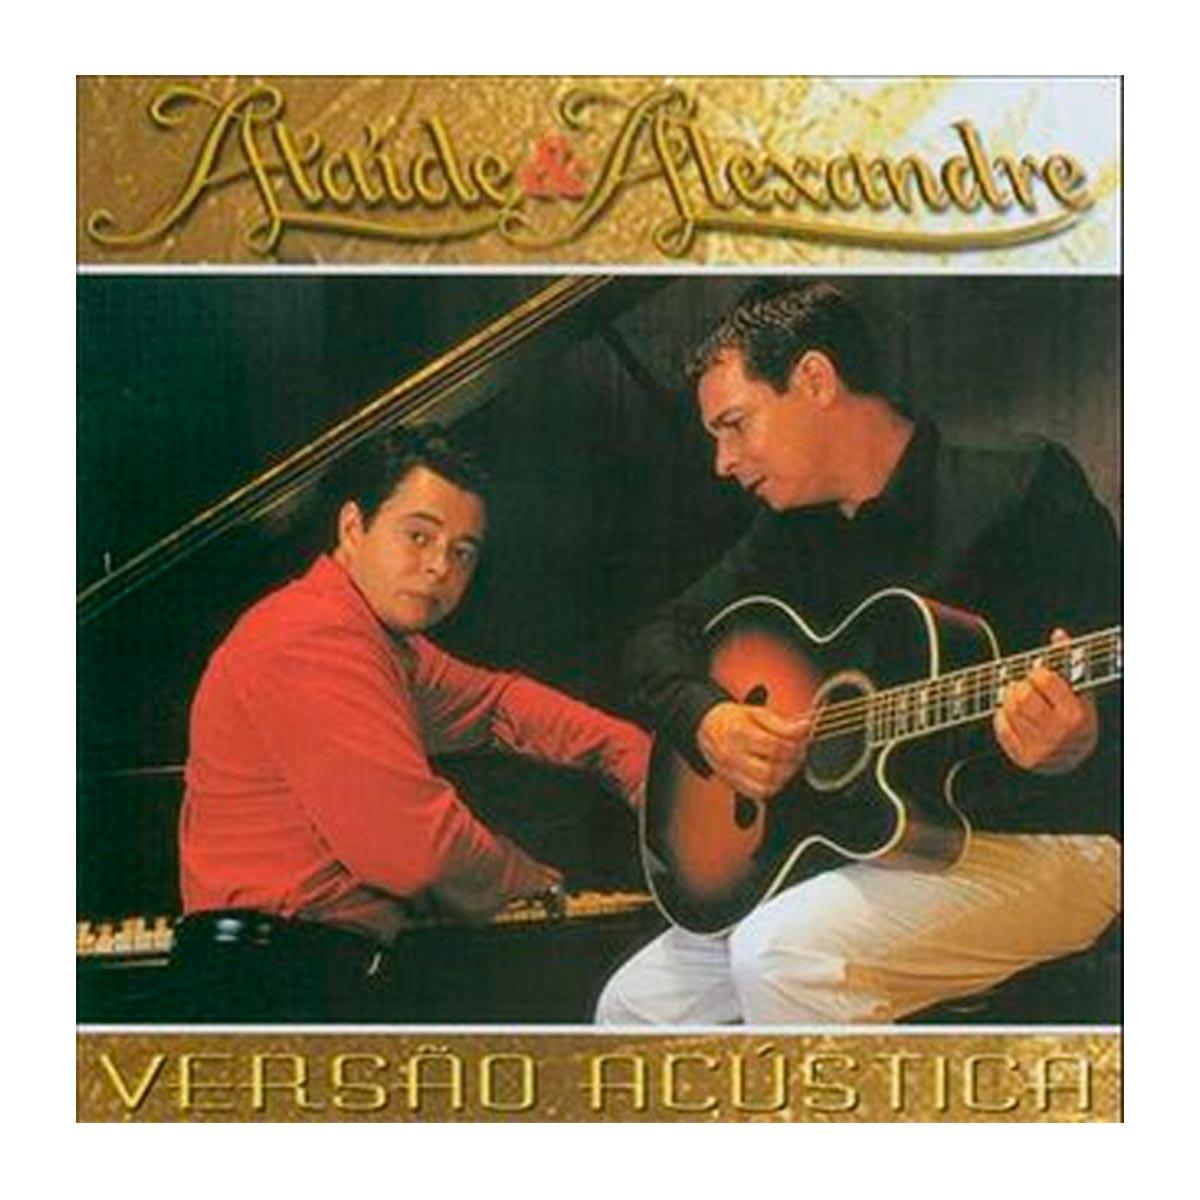 CD Ataíde & Alexandre Versão Acústica